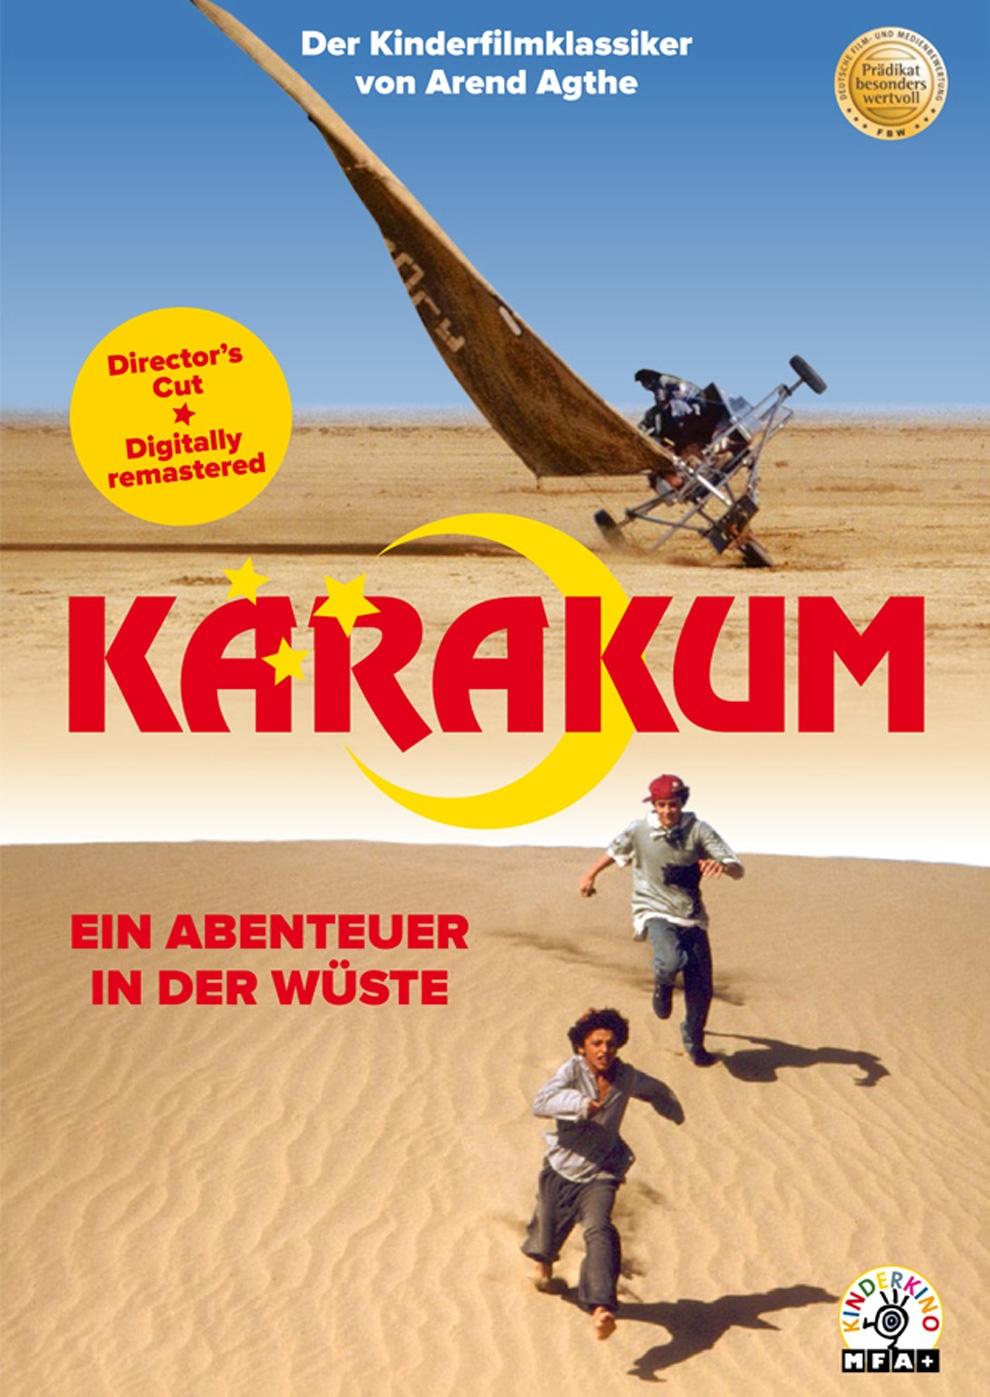 Karakum - Ein Abenteuer in der Wüste (Poster)